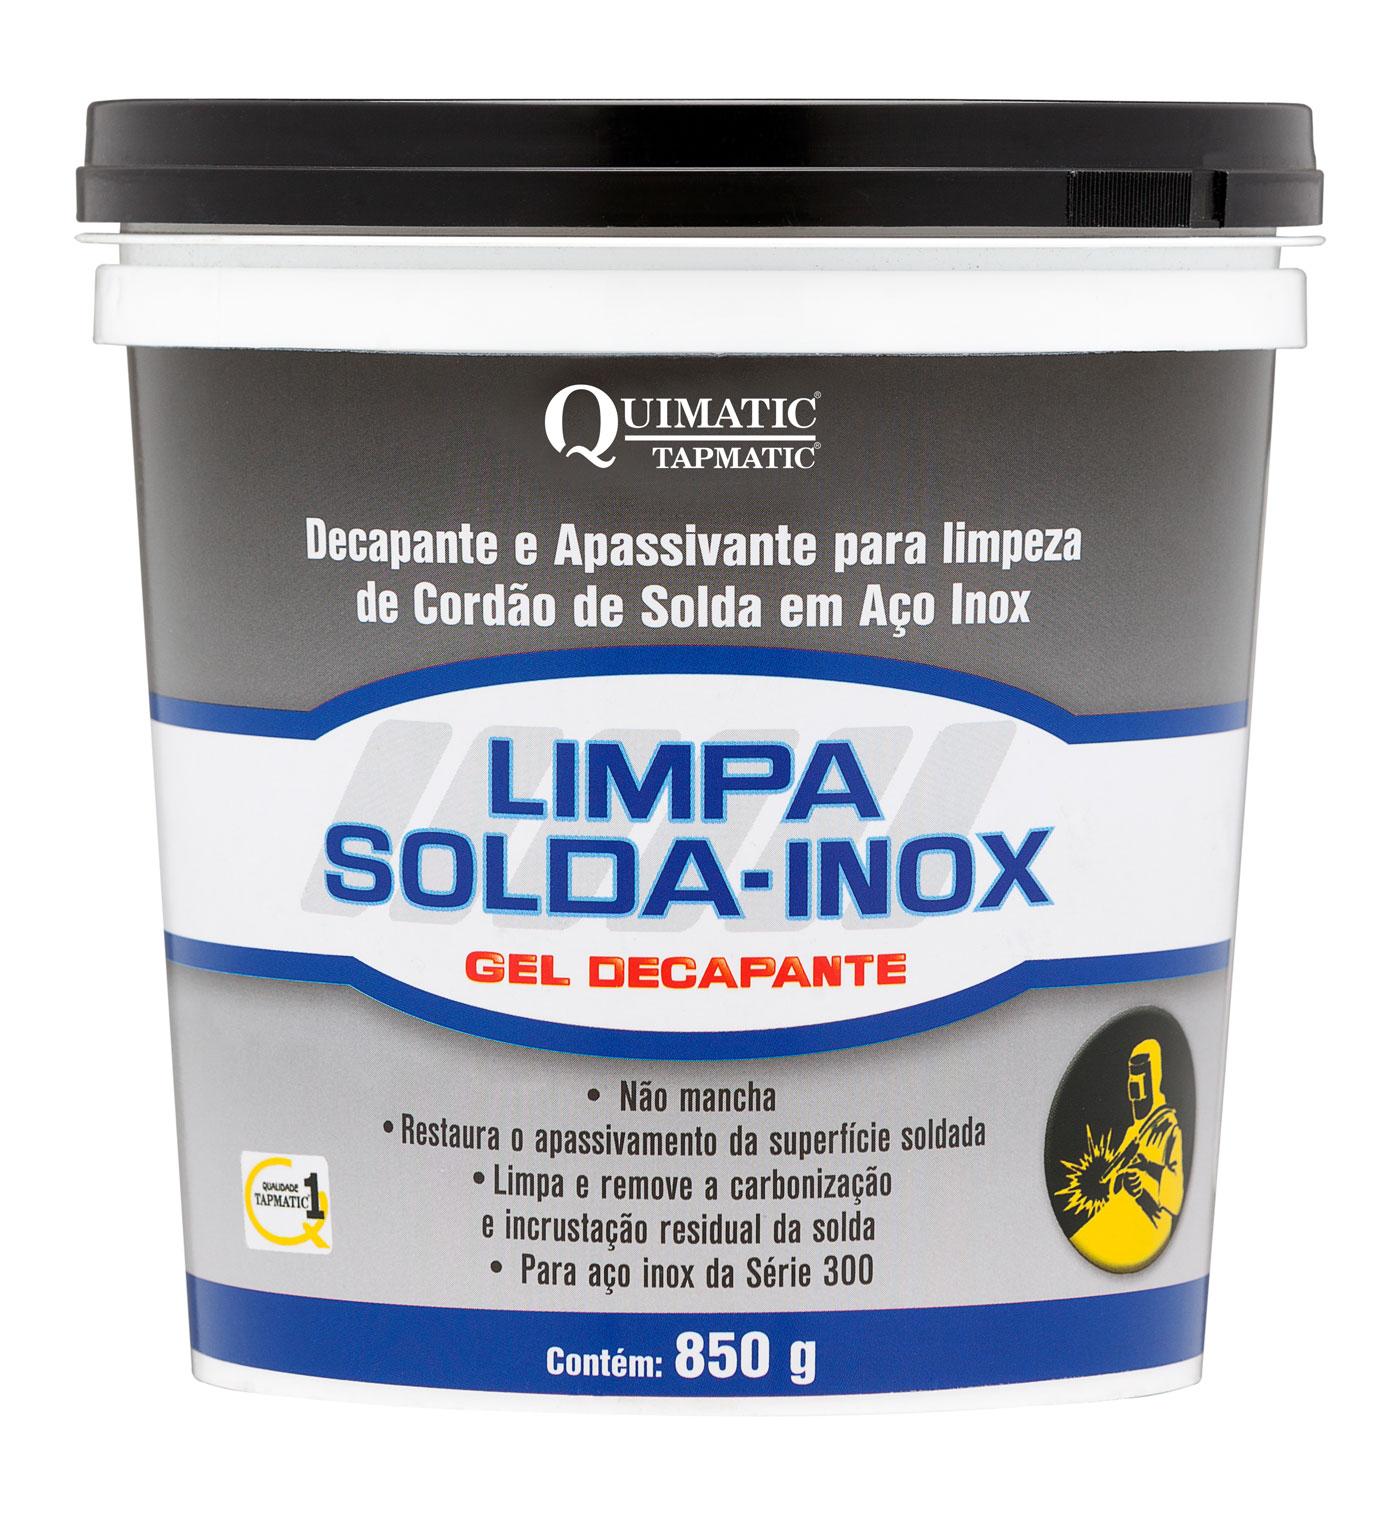 Limpa Solda Inox 850g